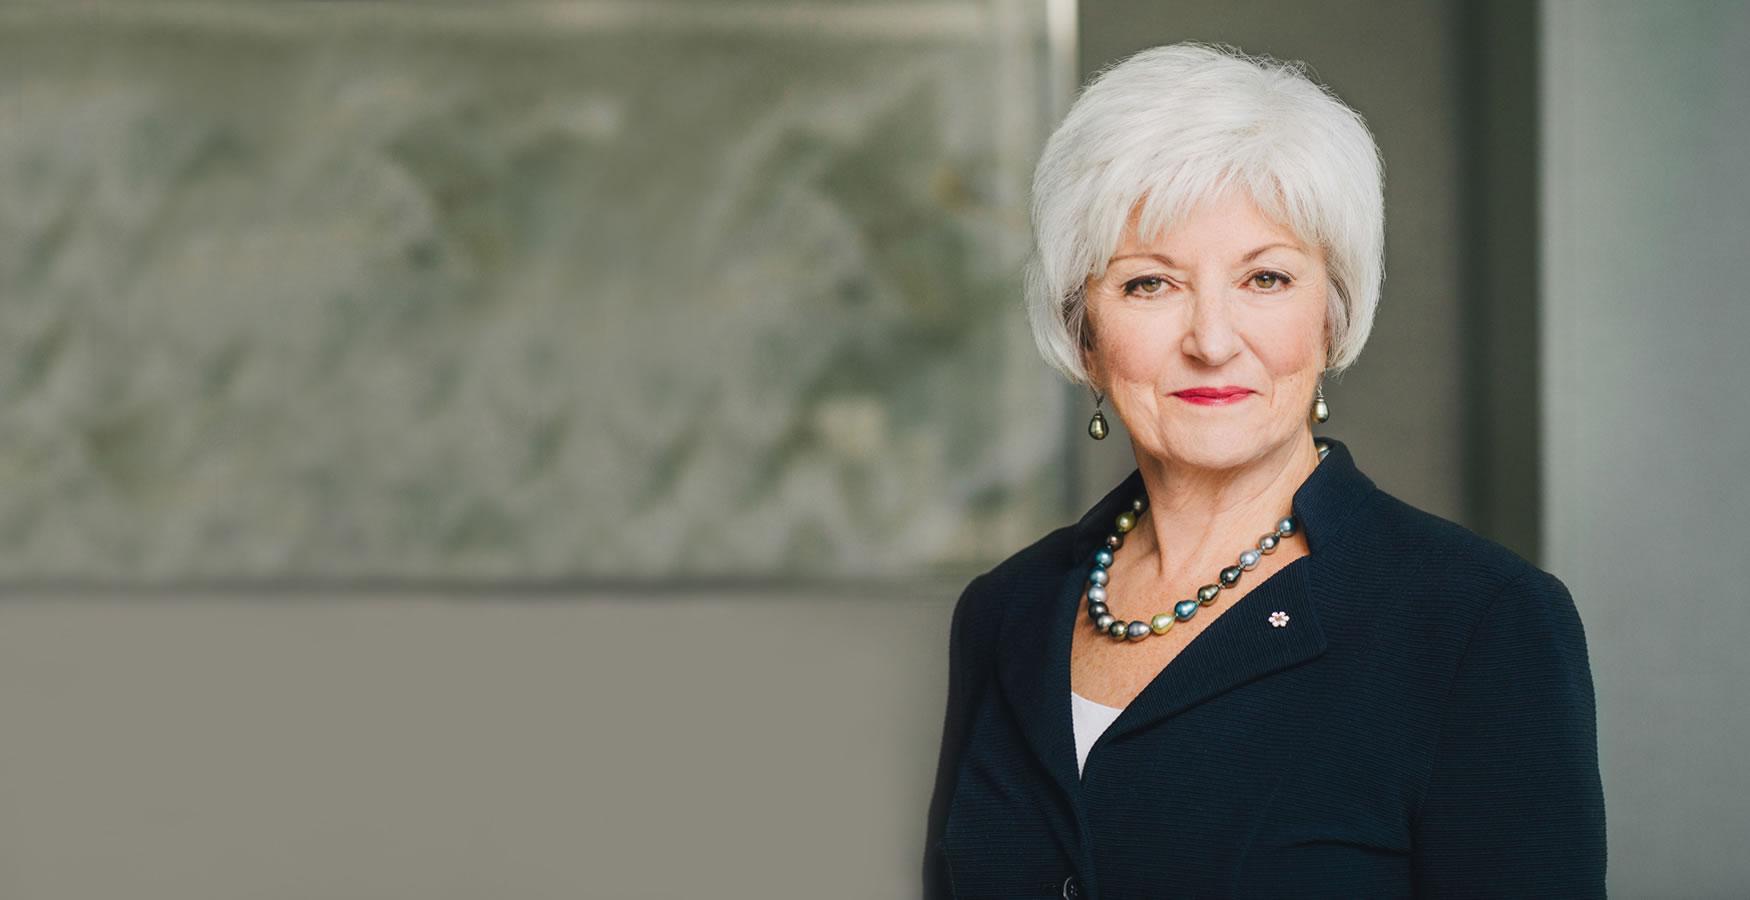 Jane Pepino